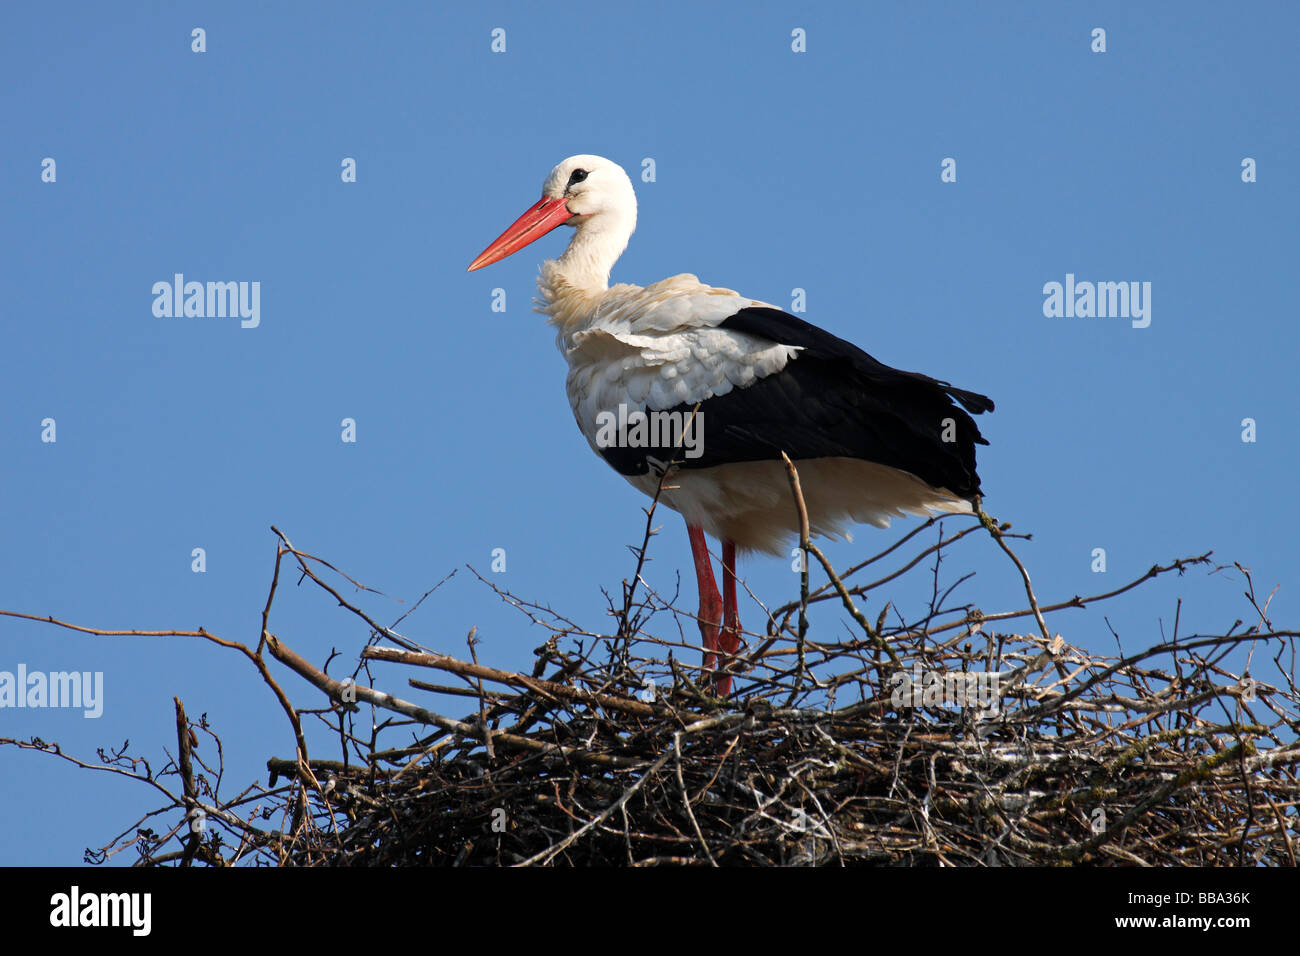 Weißstorch (Ciconia Ciconia) auf Nest, Storchendorf Bergenhusen, Schleswig-Holstein, Deutschland Stockbild